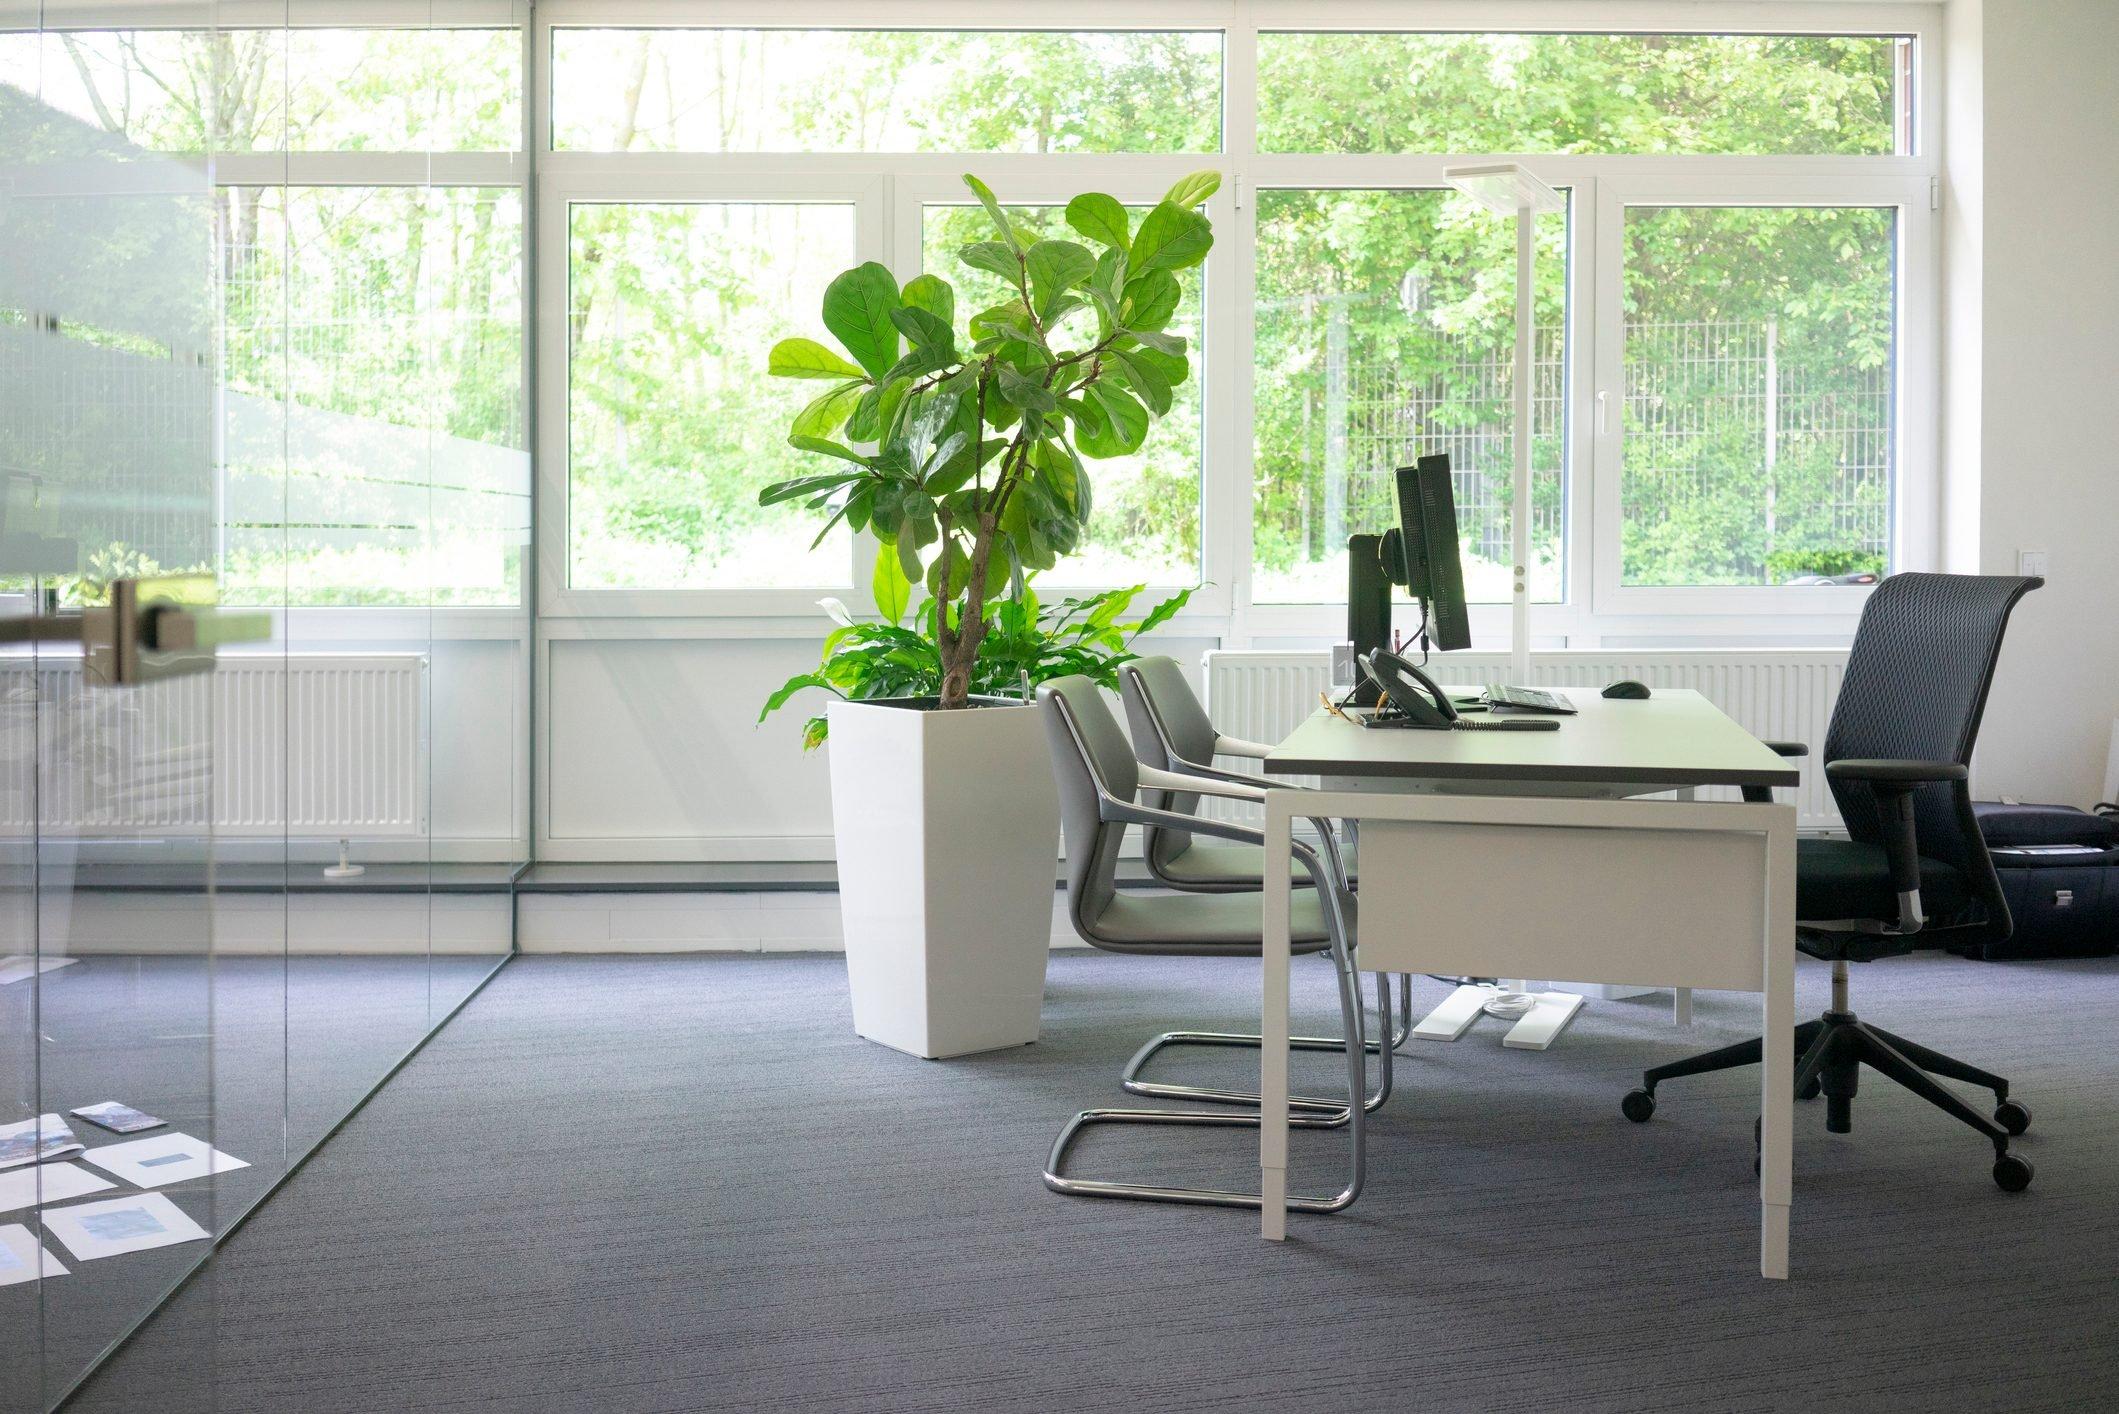 Empty workspace in office